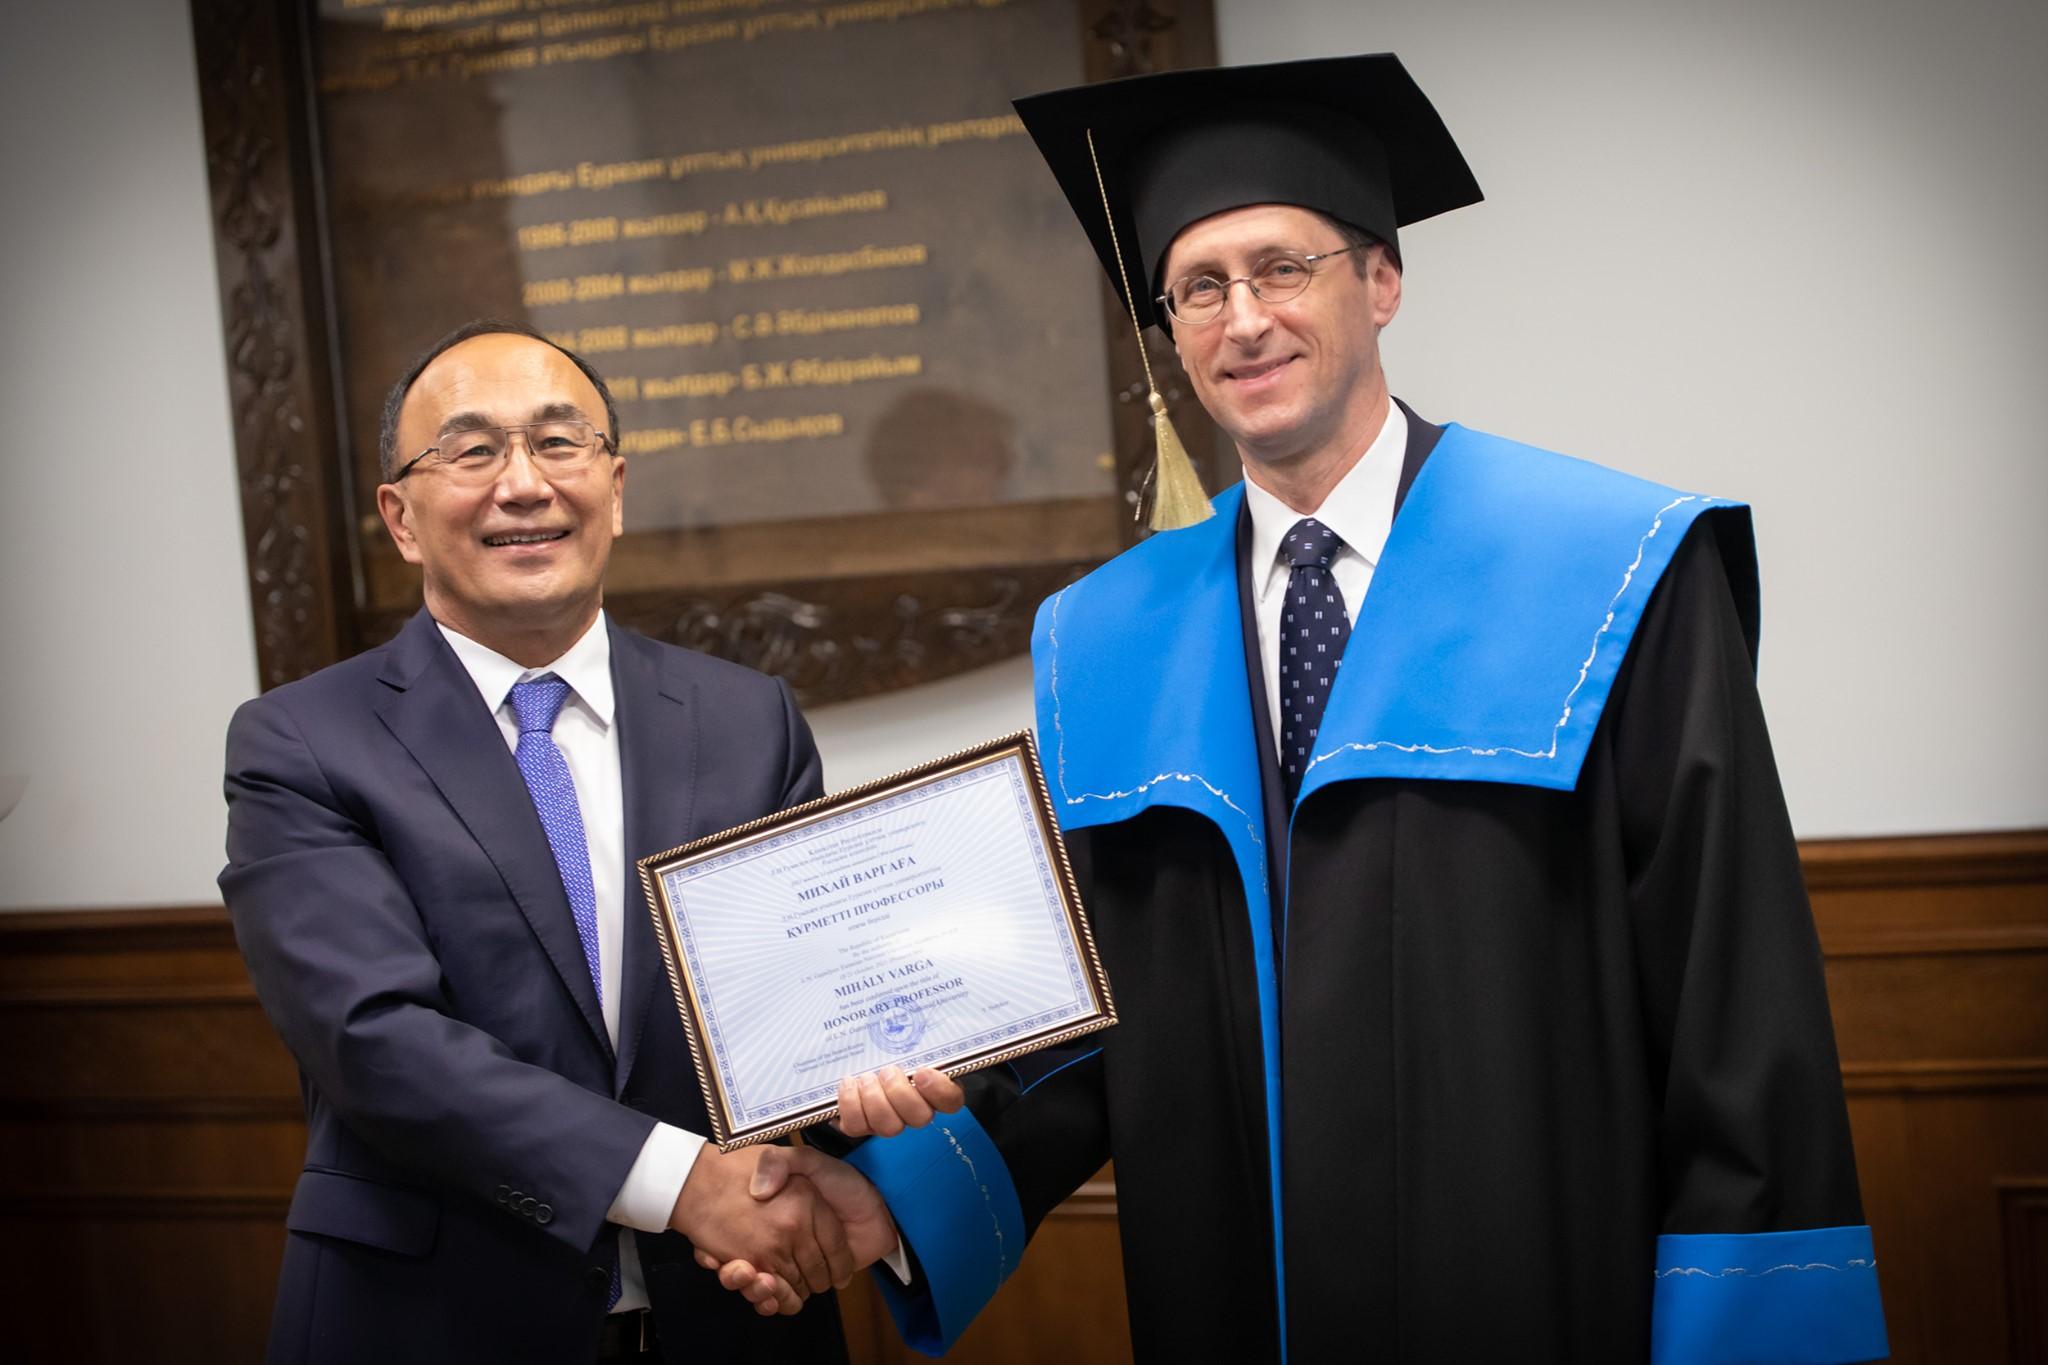 Díszdoktor lett Varga Mihály egy kazah egyetemen